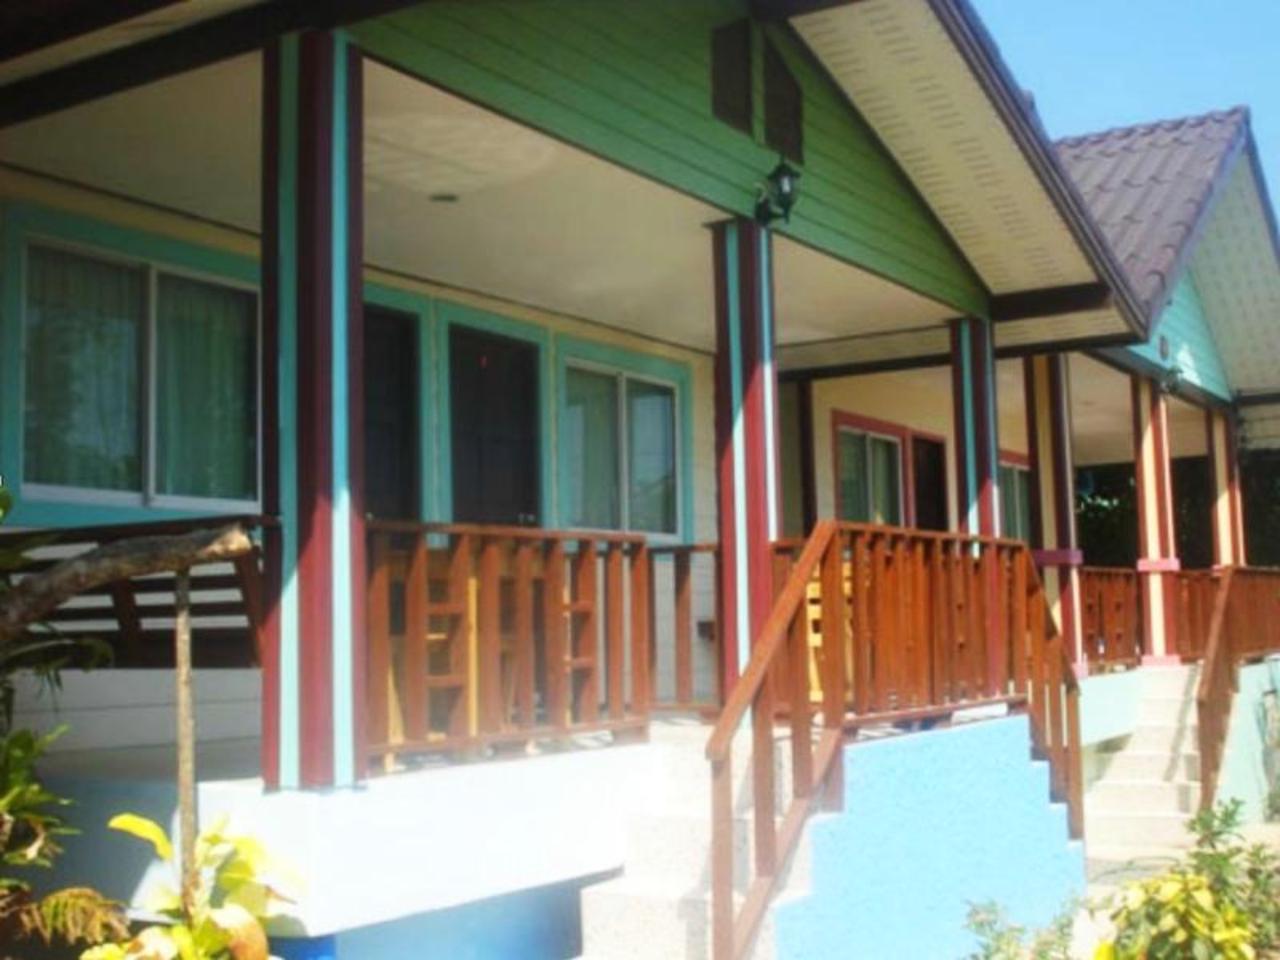 กัญจนพร รีสอร์ต แอท เกาะล้าน (Kanjanaporn Resort at Kohlarn)